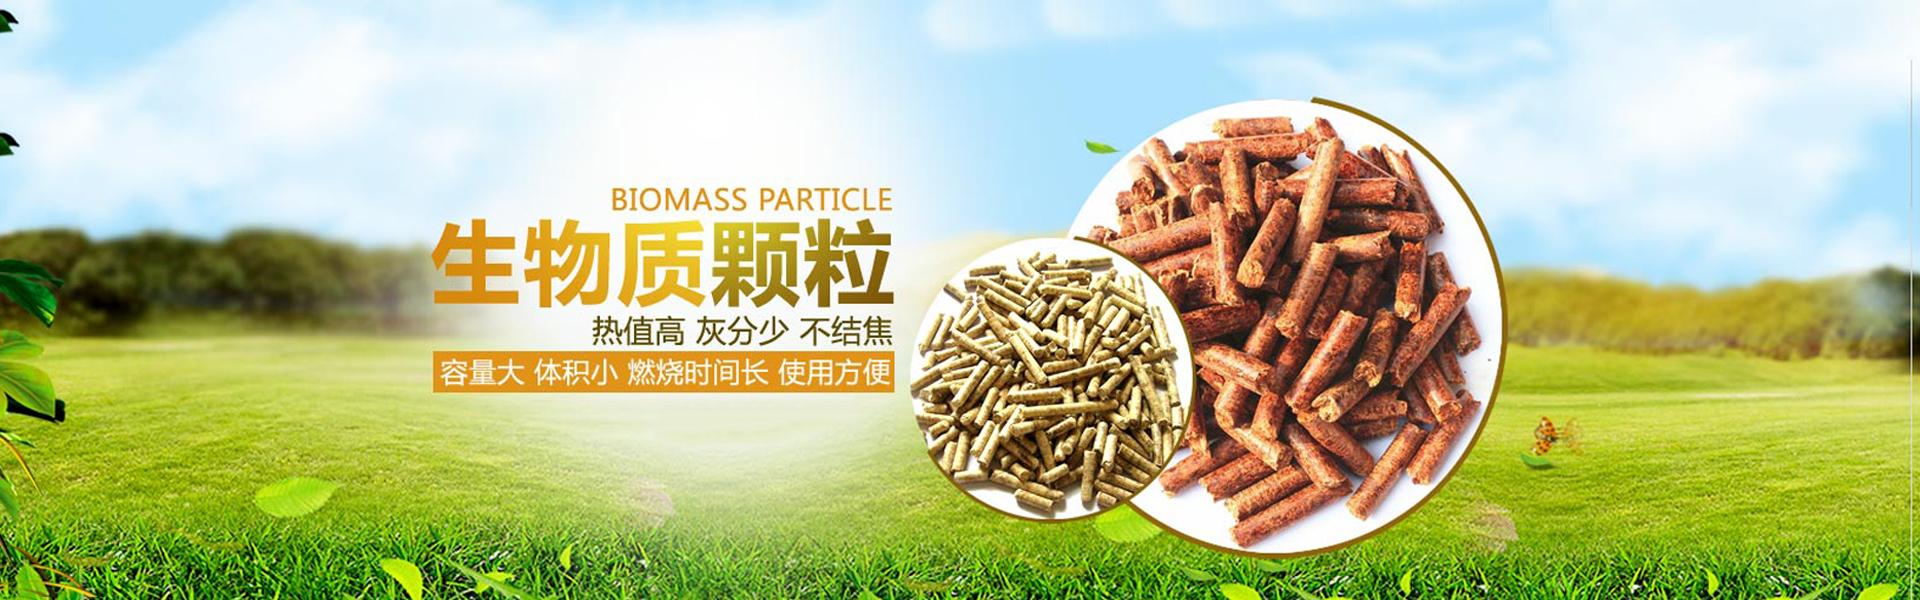 贵州生物燃料颗粒